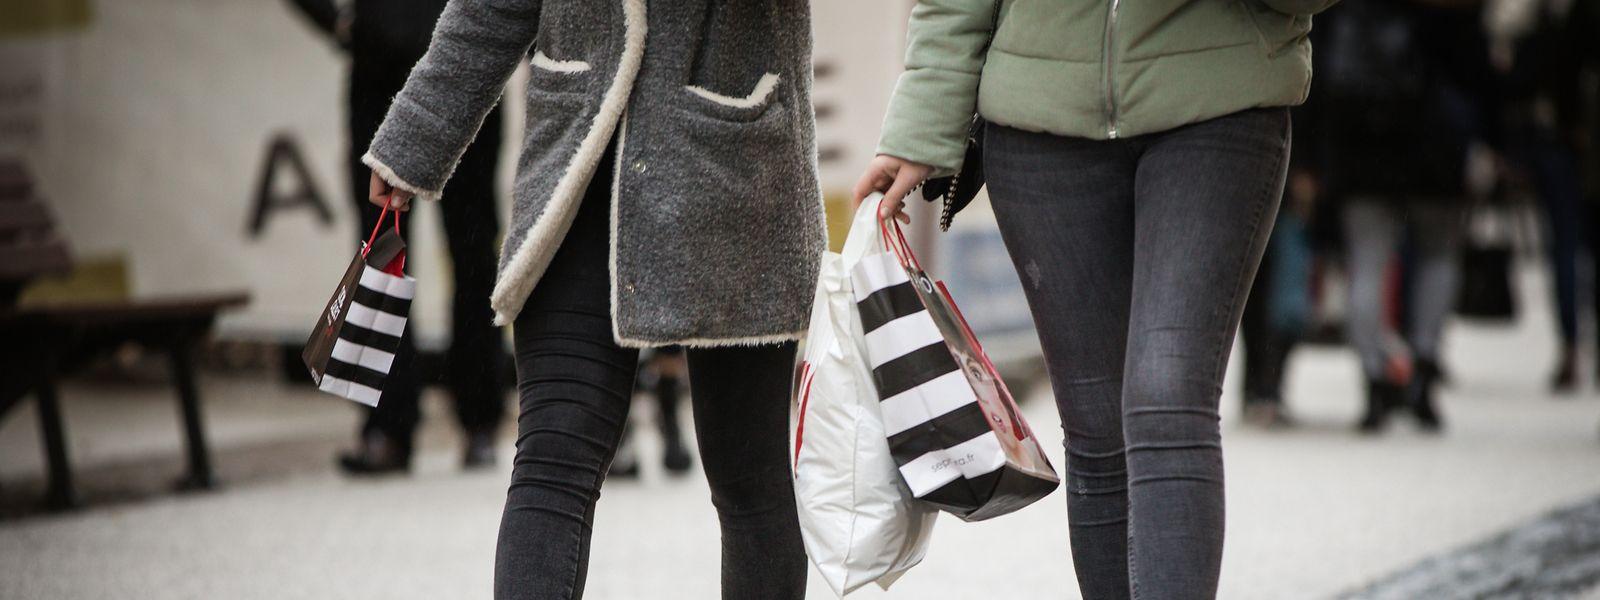 Die Papiertüte wird ihr Pendant aus Plastik zusehends ersetzen. Einwegbeutel aus Kunststoff dürfen zwar weiterhin vergeben werden, allerdings nur gegen eine Gebühr. Schon jetzt verlangen einige Geschäfte ein paar Cent dafür – nach dem 31. Dezember ist dies Pflicht.